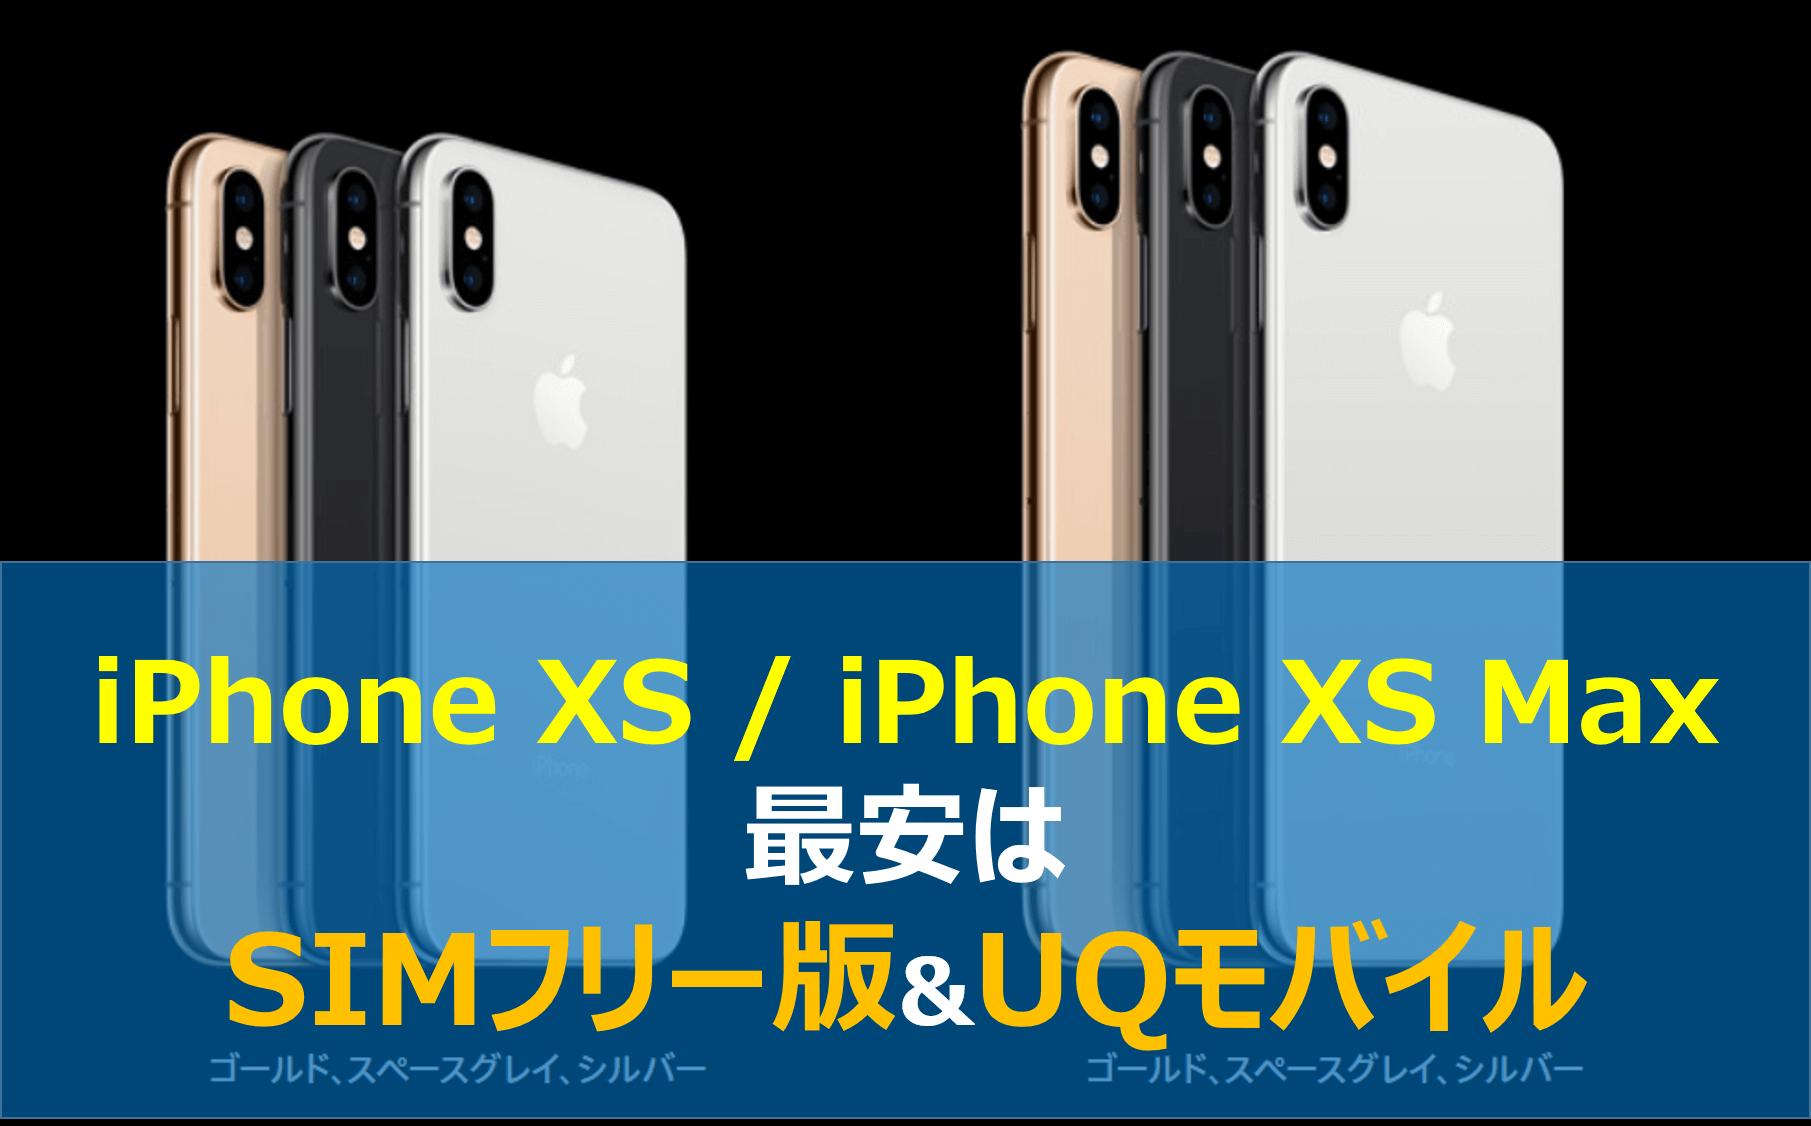 iphone xs maxの最安はuqモバイル simフリー 大手キャリアと比較で判明